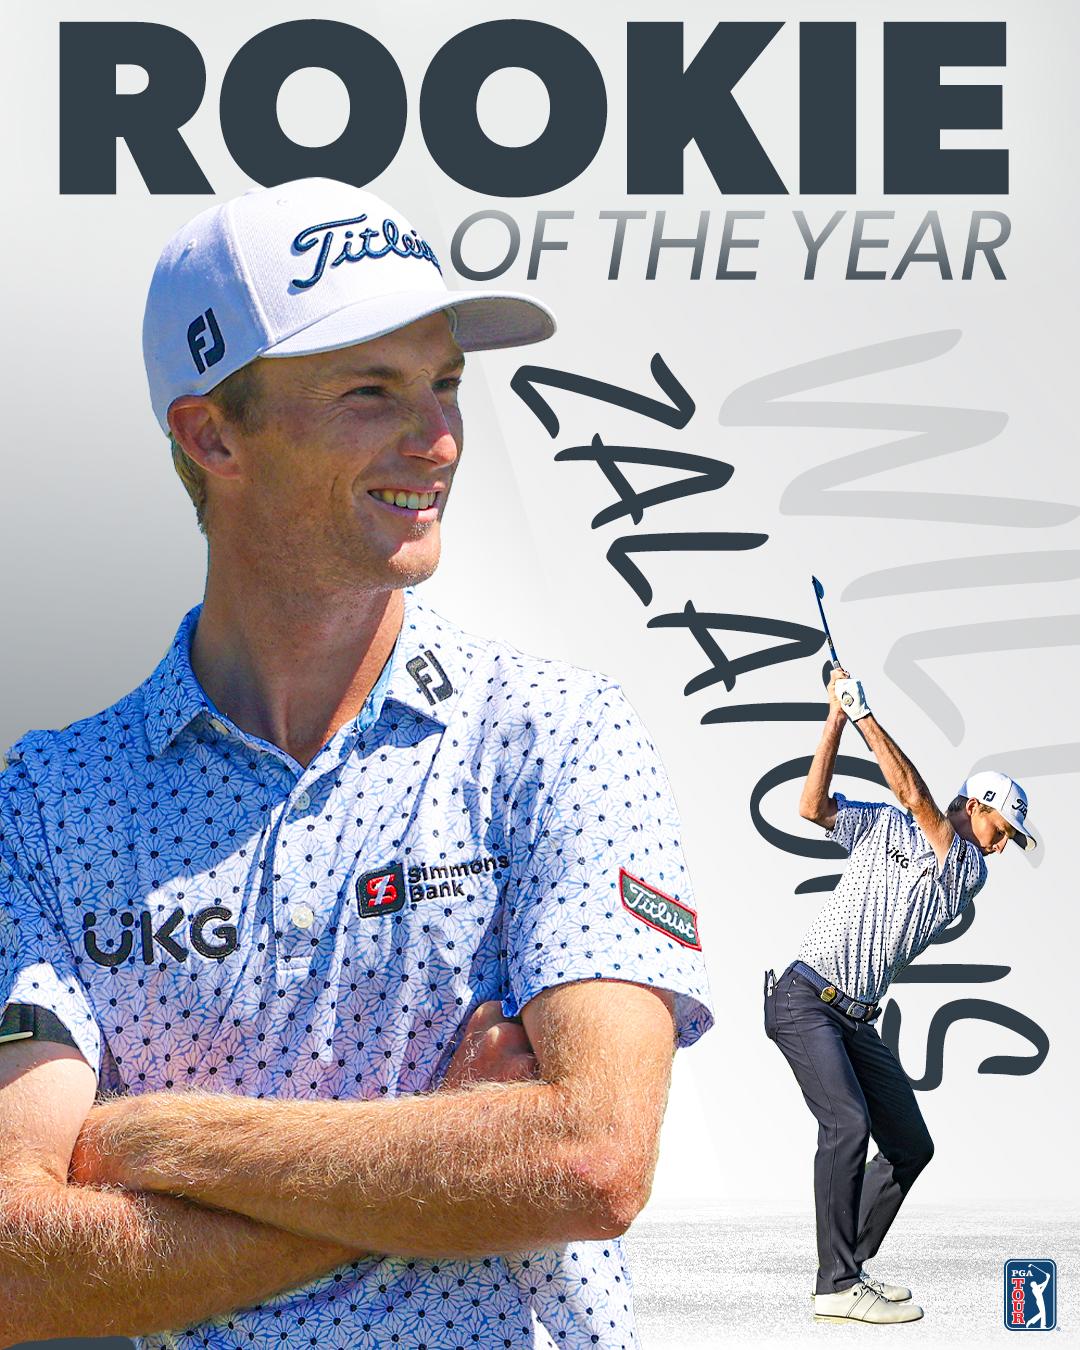 Giải dành cho Zalatoris - đấu thủ đạt thành tích nổi bật trong mùa chào sân - được quyết định bằng kết quả bỏ phiếu nội bộ thành viên PGA Tour. Ảnh: Twitter / PGA Tour